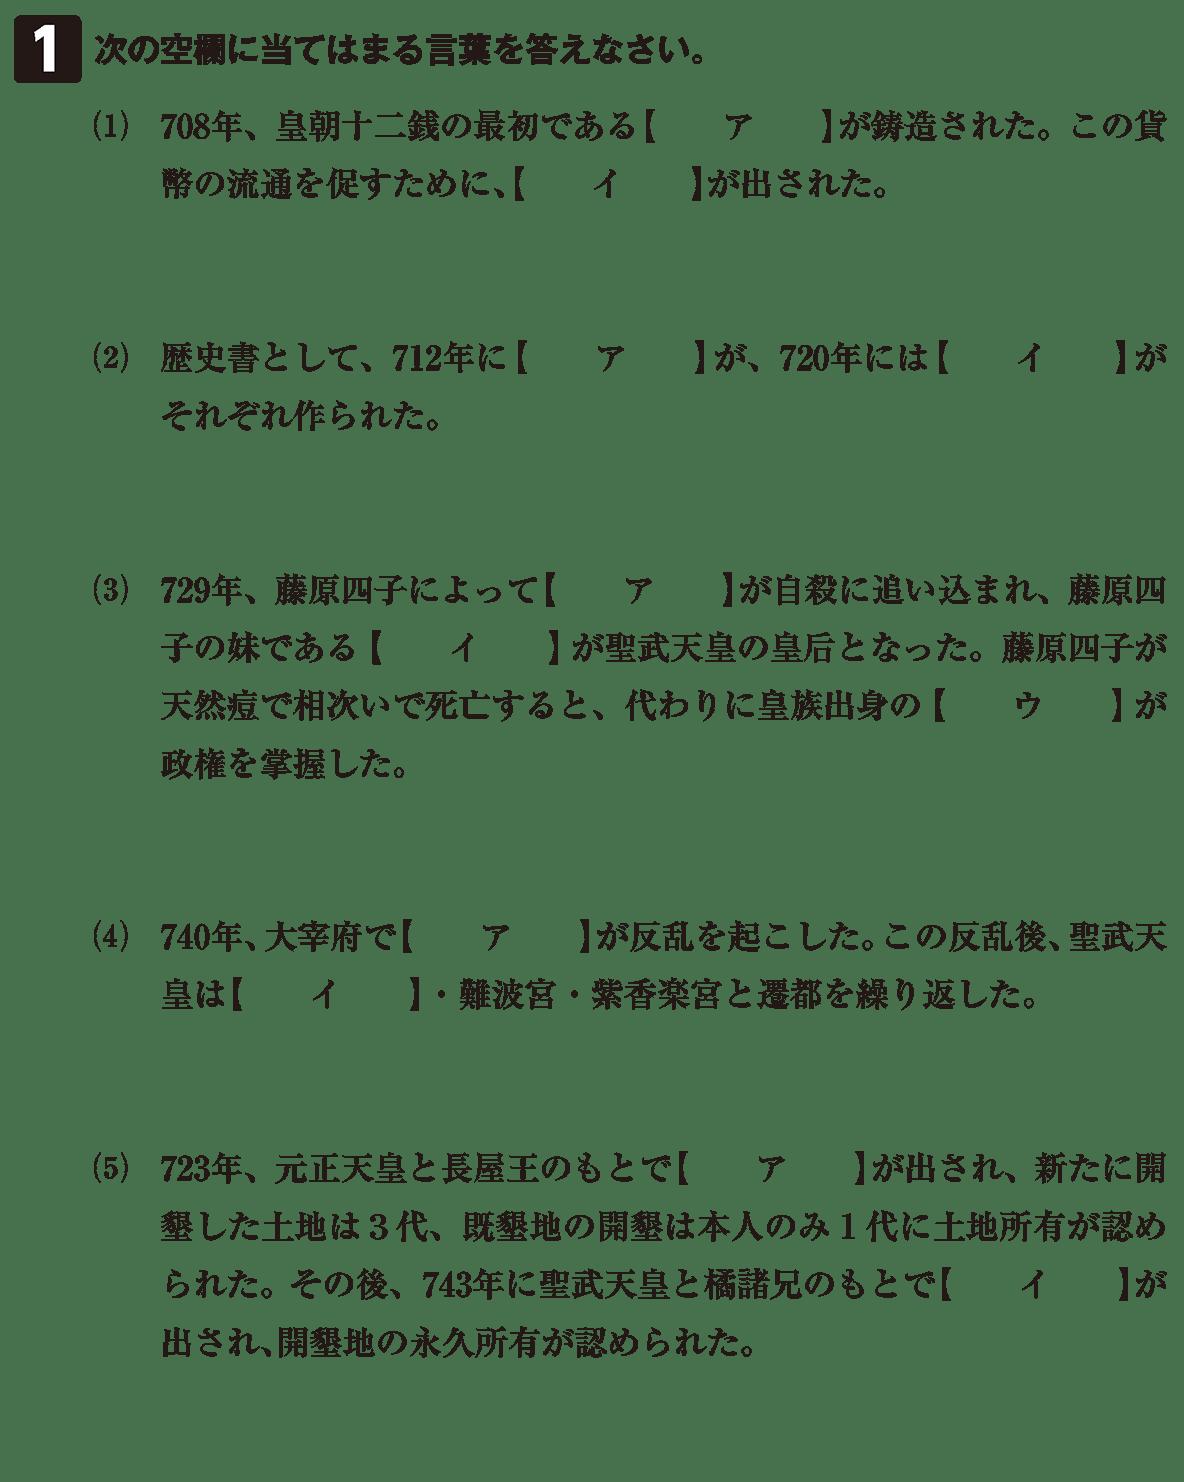 奈良時代3 問題1 問題